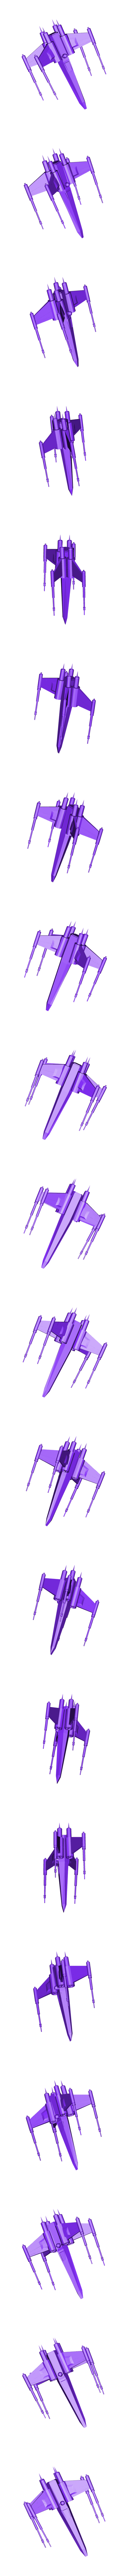 Project Name.stl Télécharger fichier STL gratuit vaisseau star wars • Plan pour impression 3D, manchot